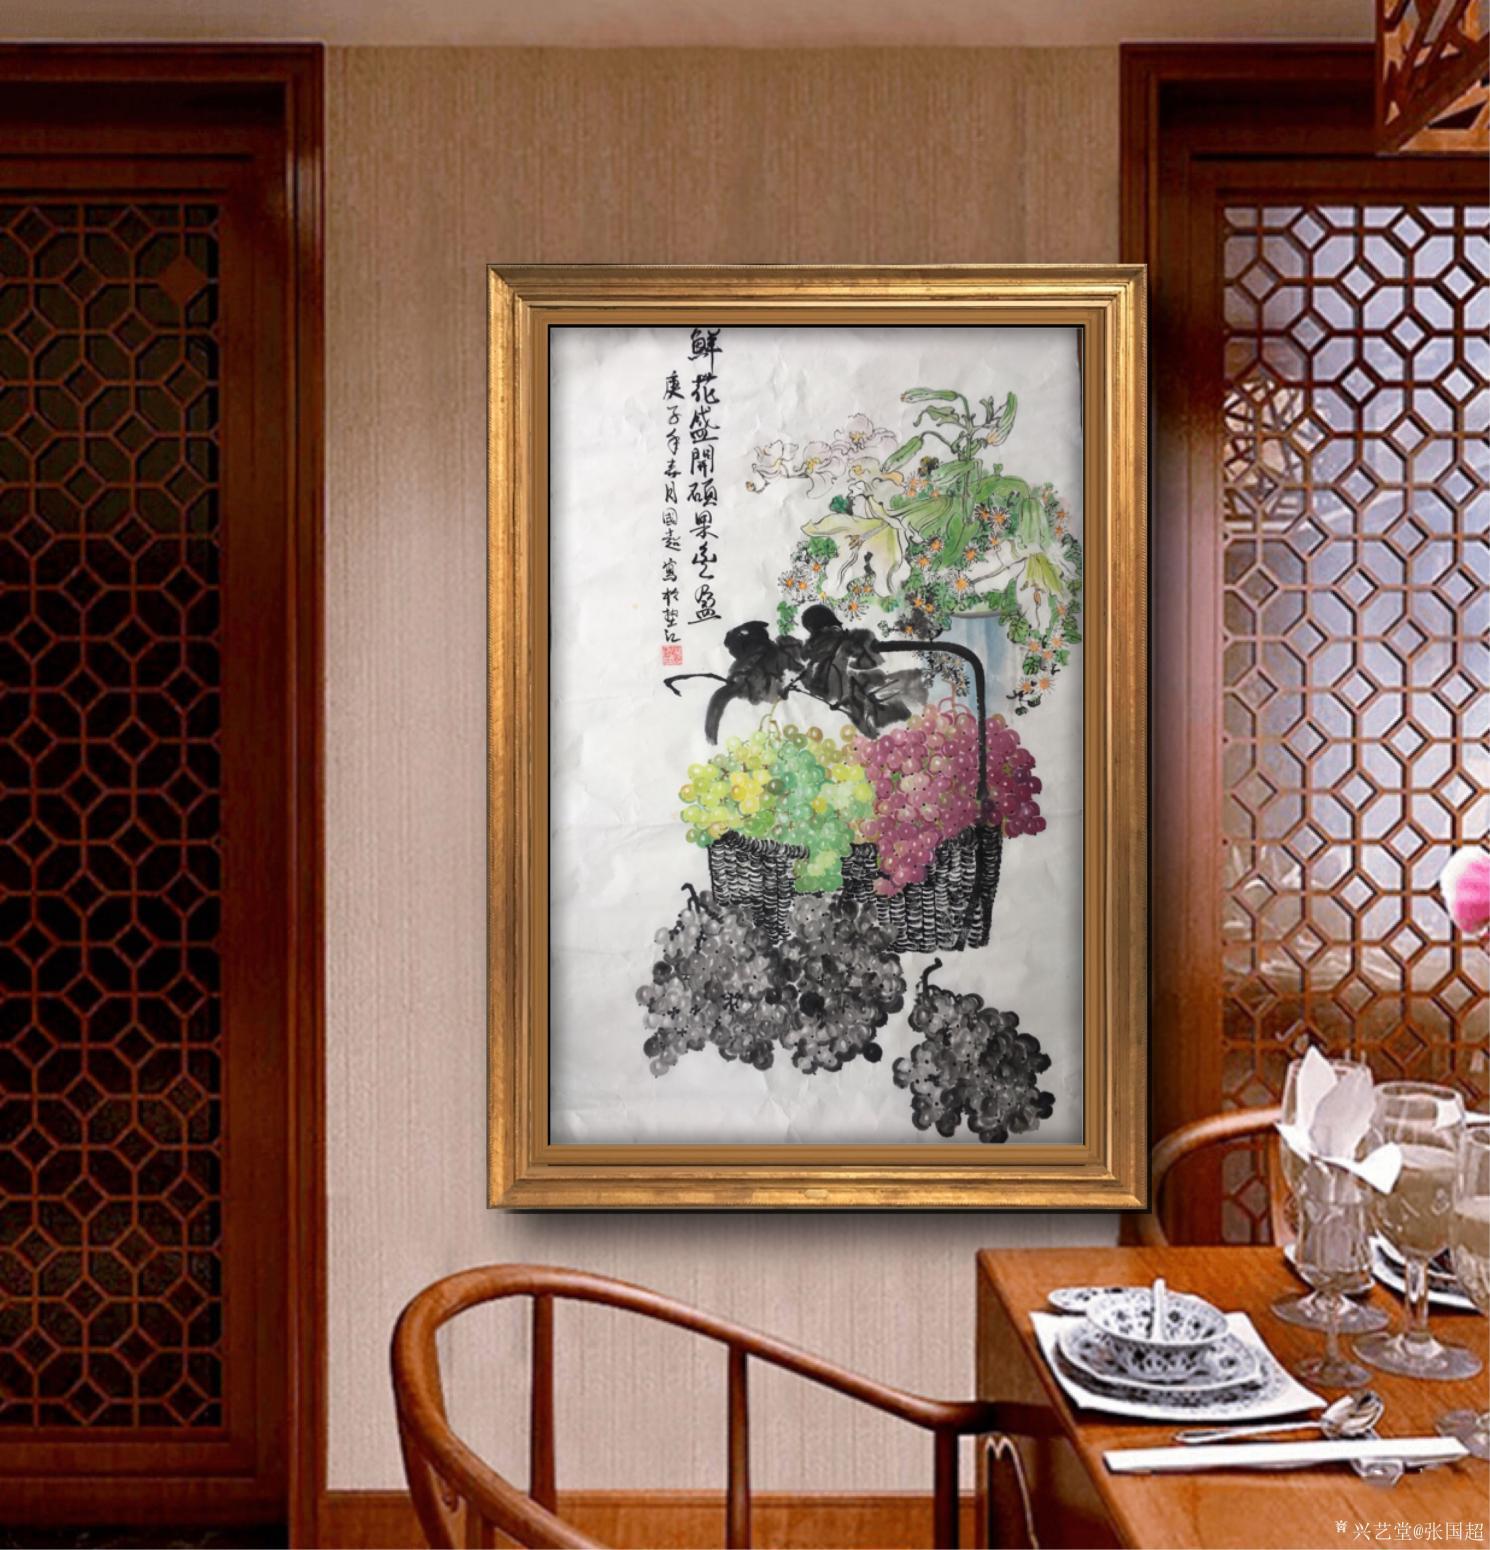 张国超国画作品《鲜花盛开硕果丰盈》【图3】